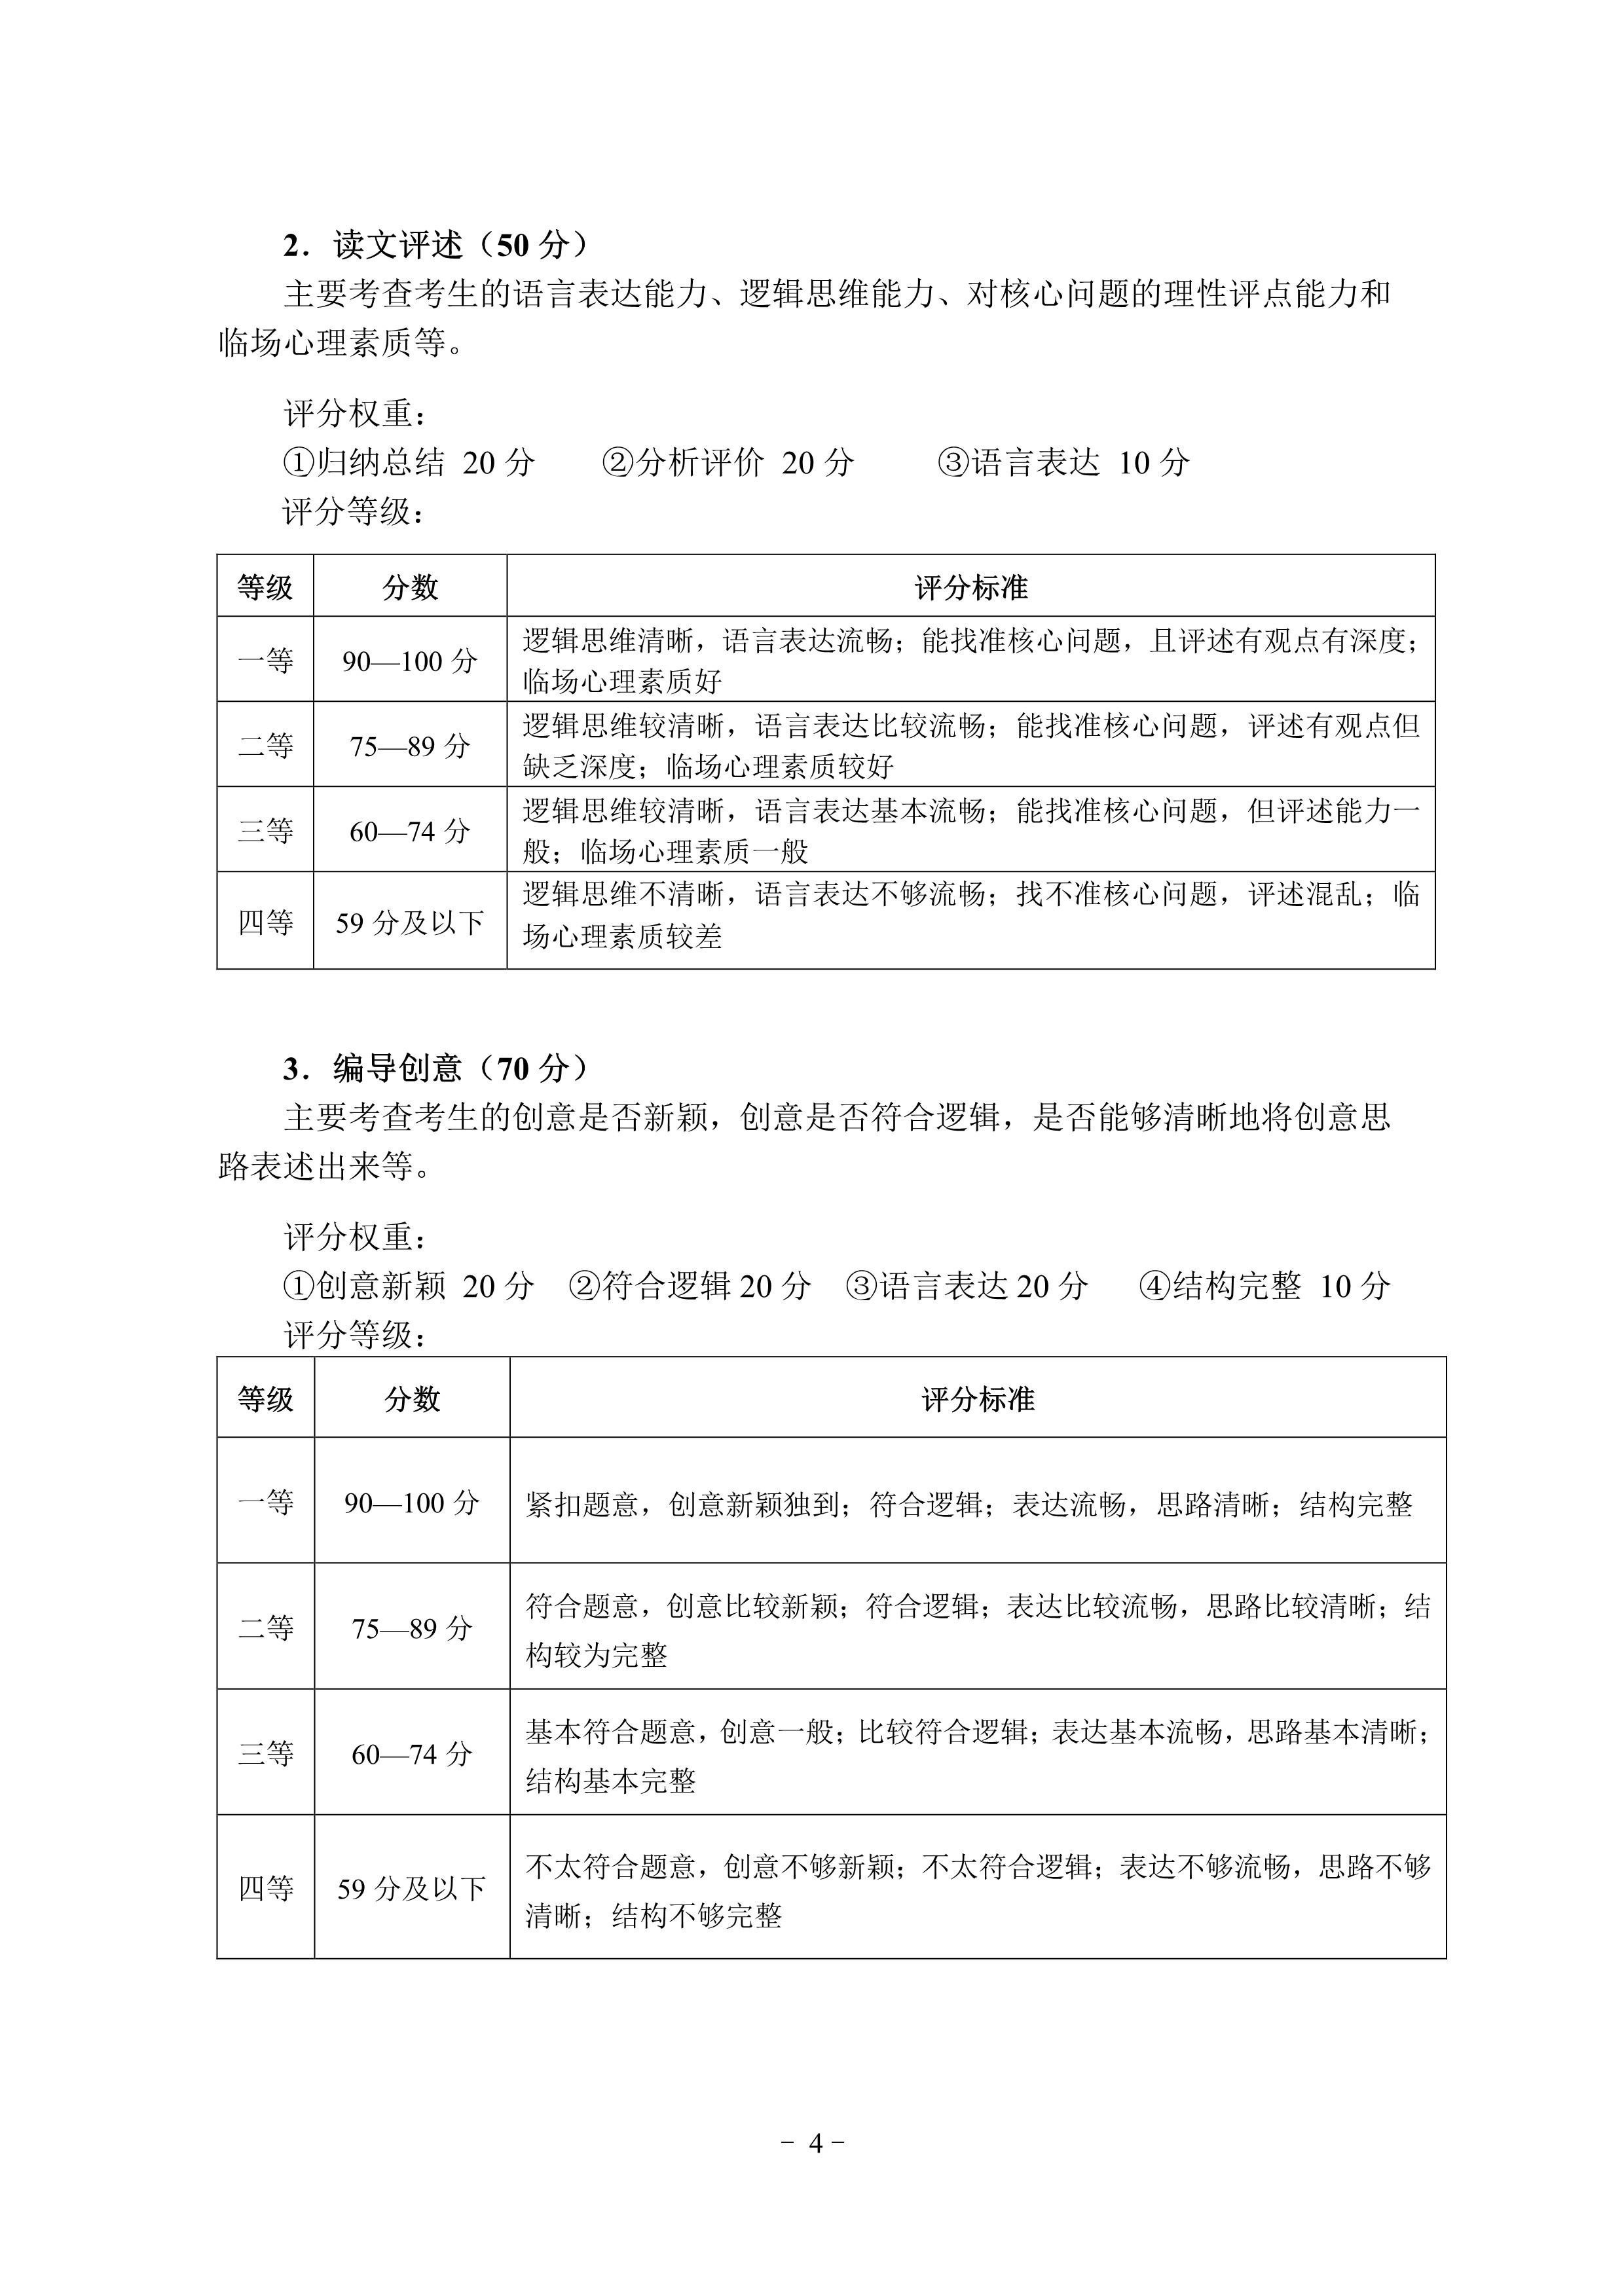 2022年湖北省艺术类统考(广播电视编导专业)考试大纲_4.jpg